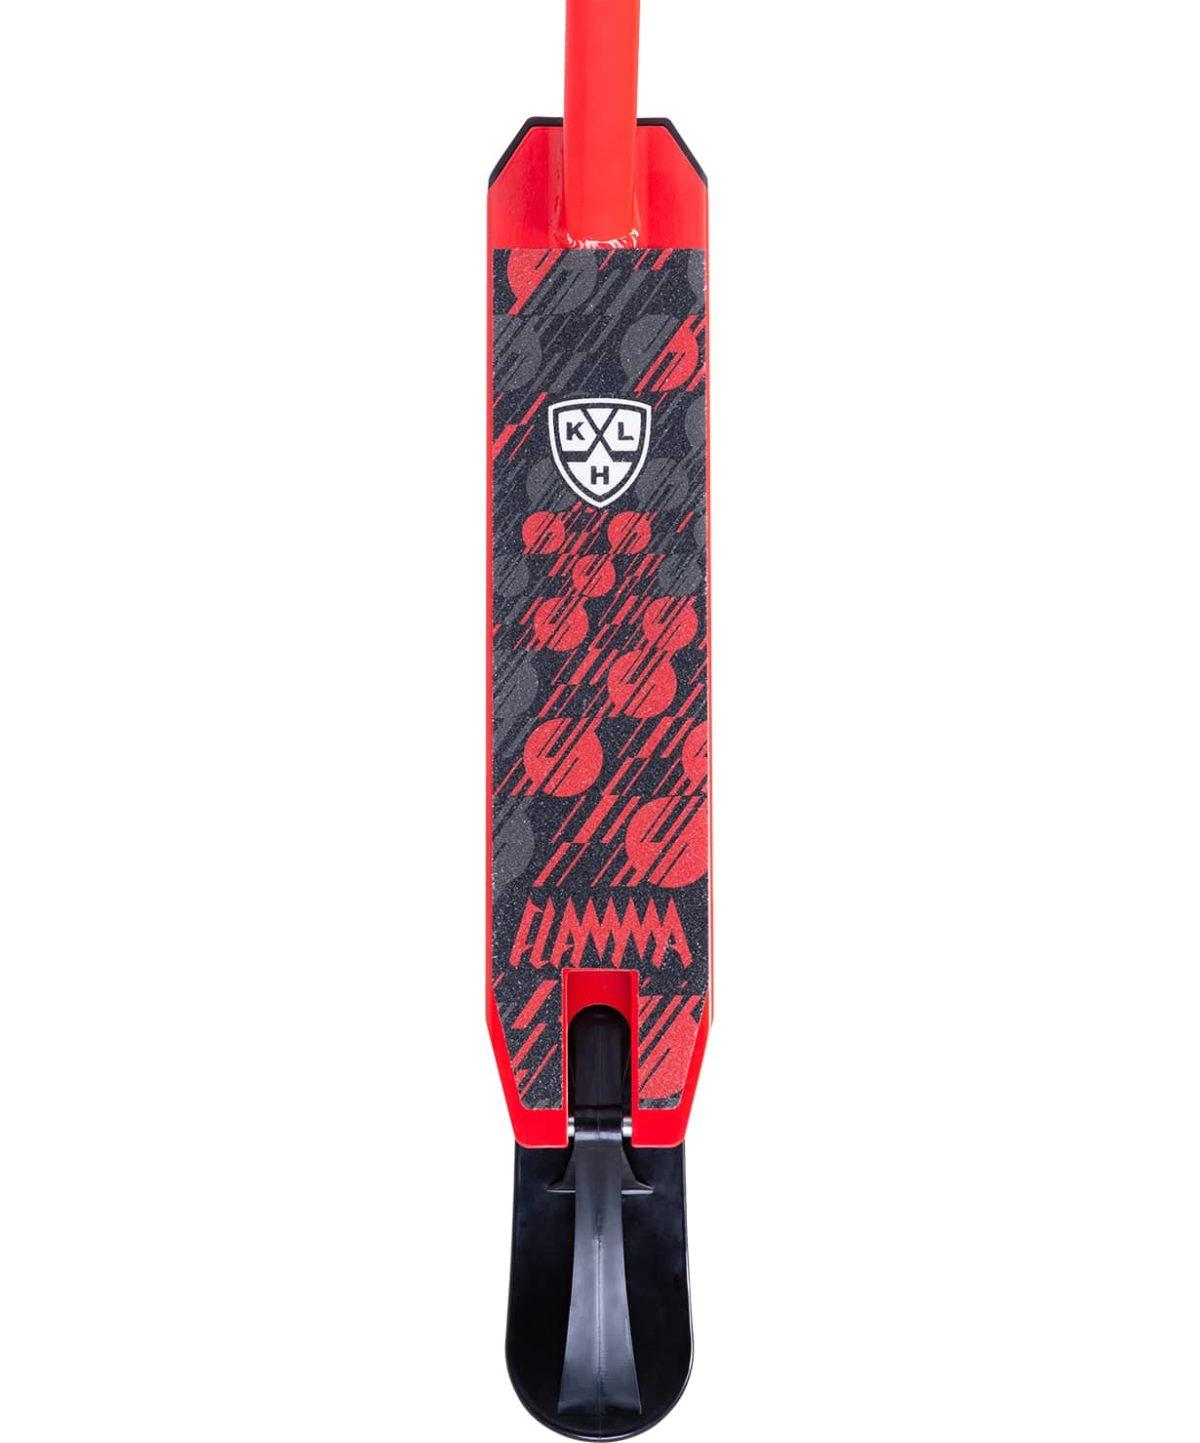 KHL Снегокат трюковый Flamma  18244 - 4